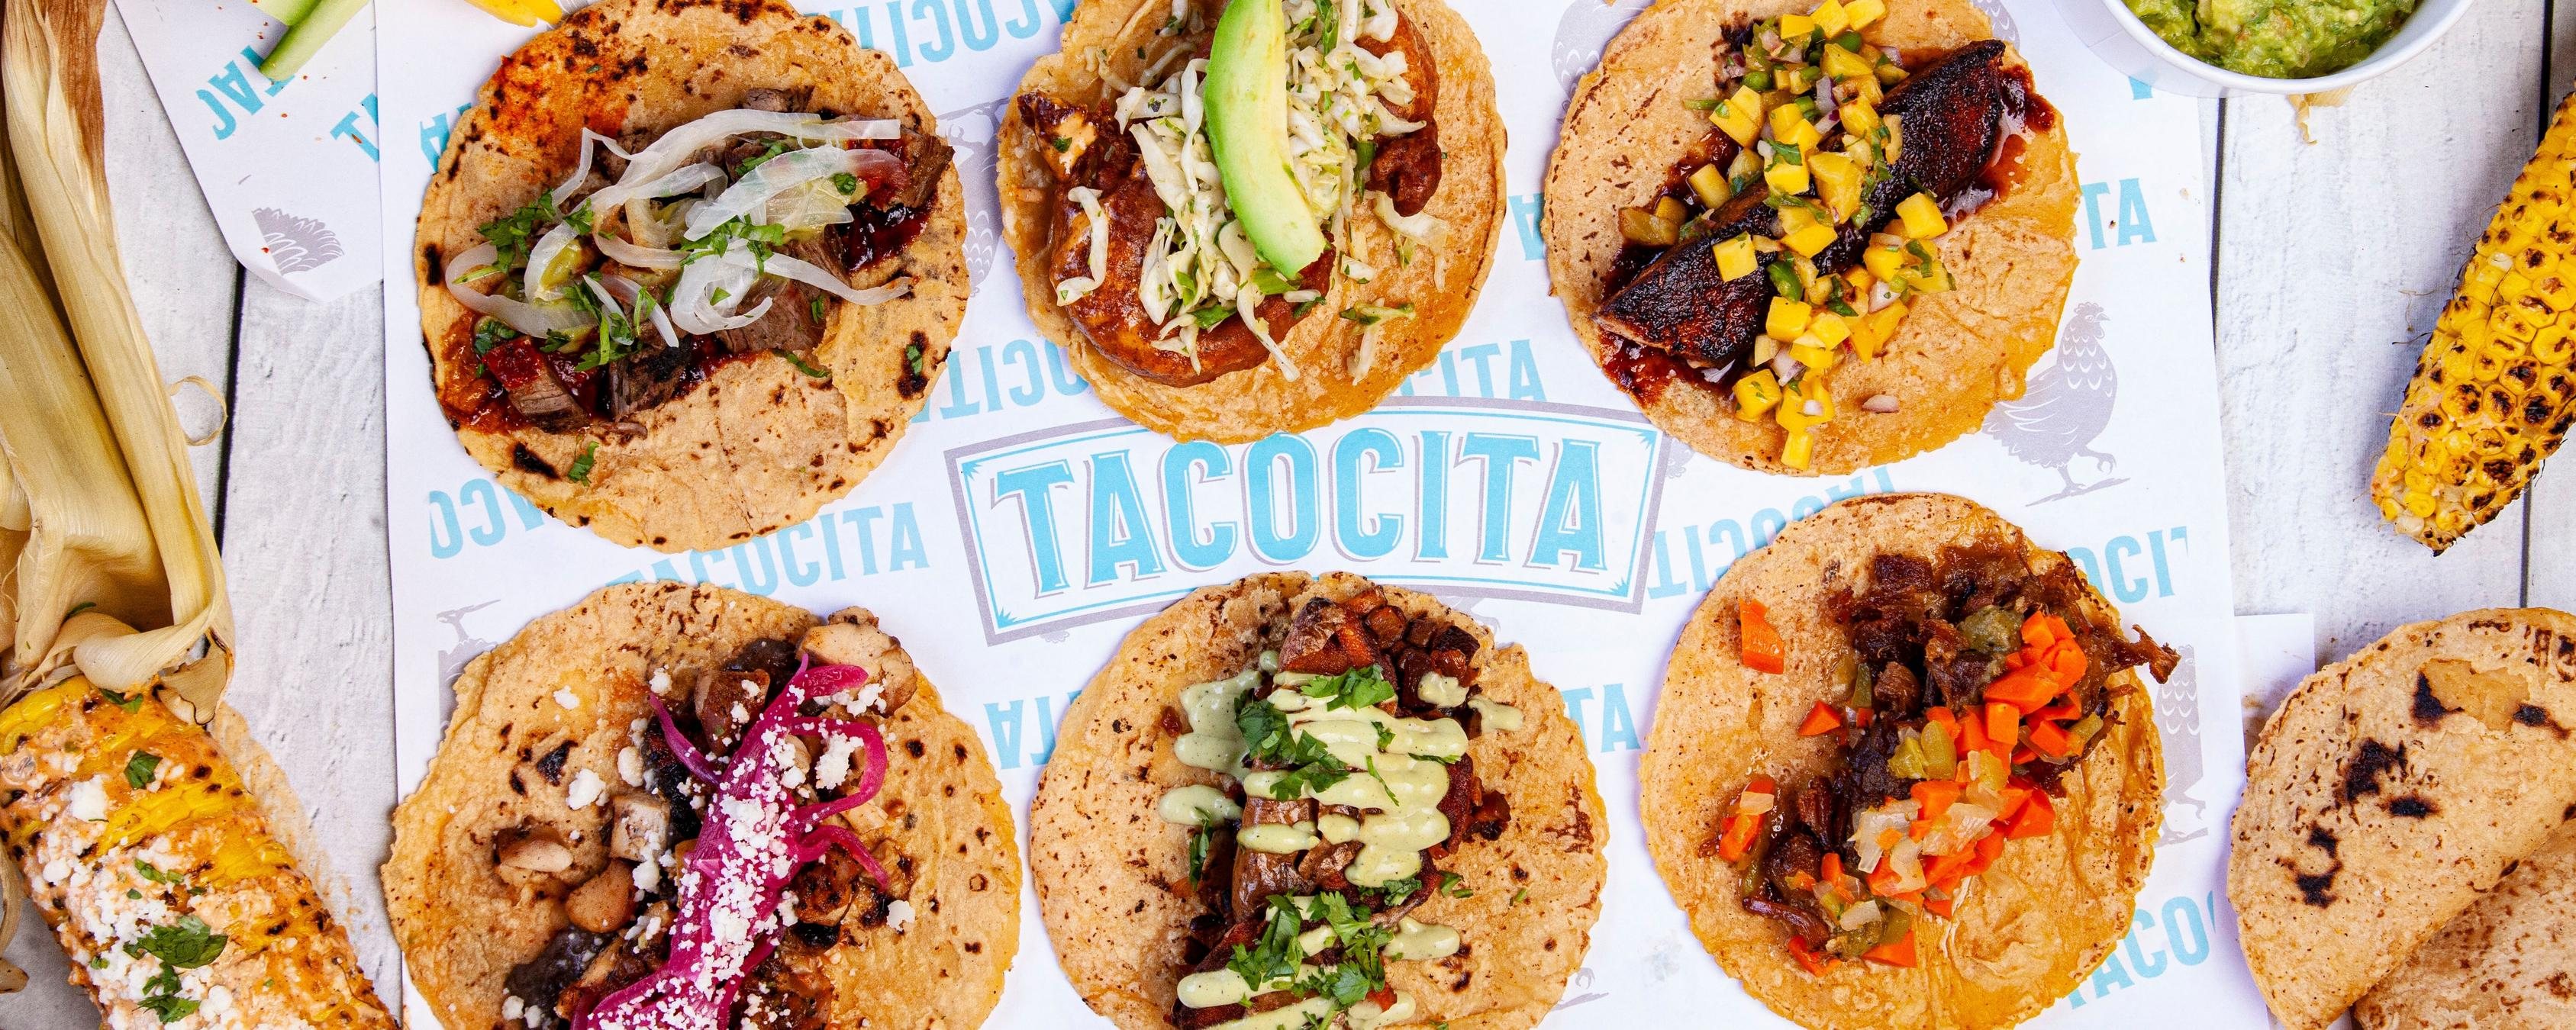 Tacocita Brand Cover